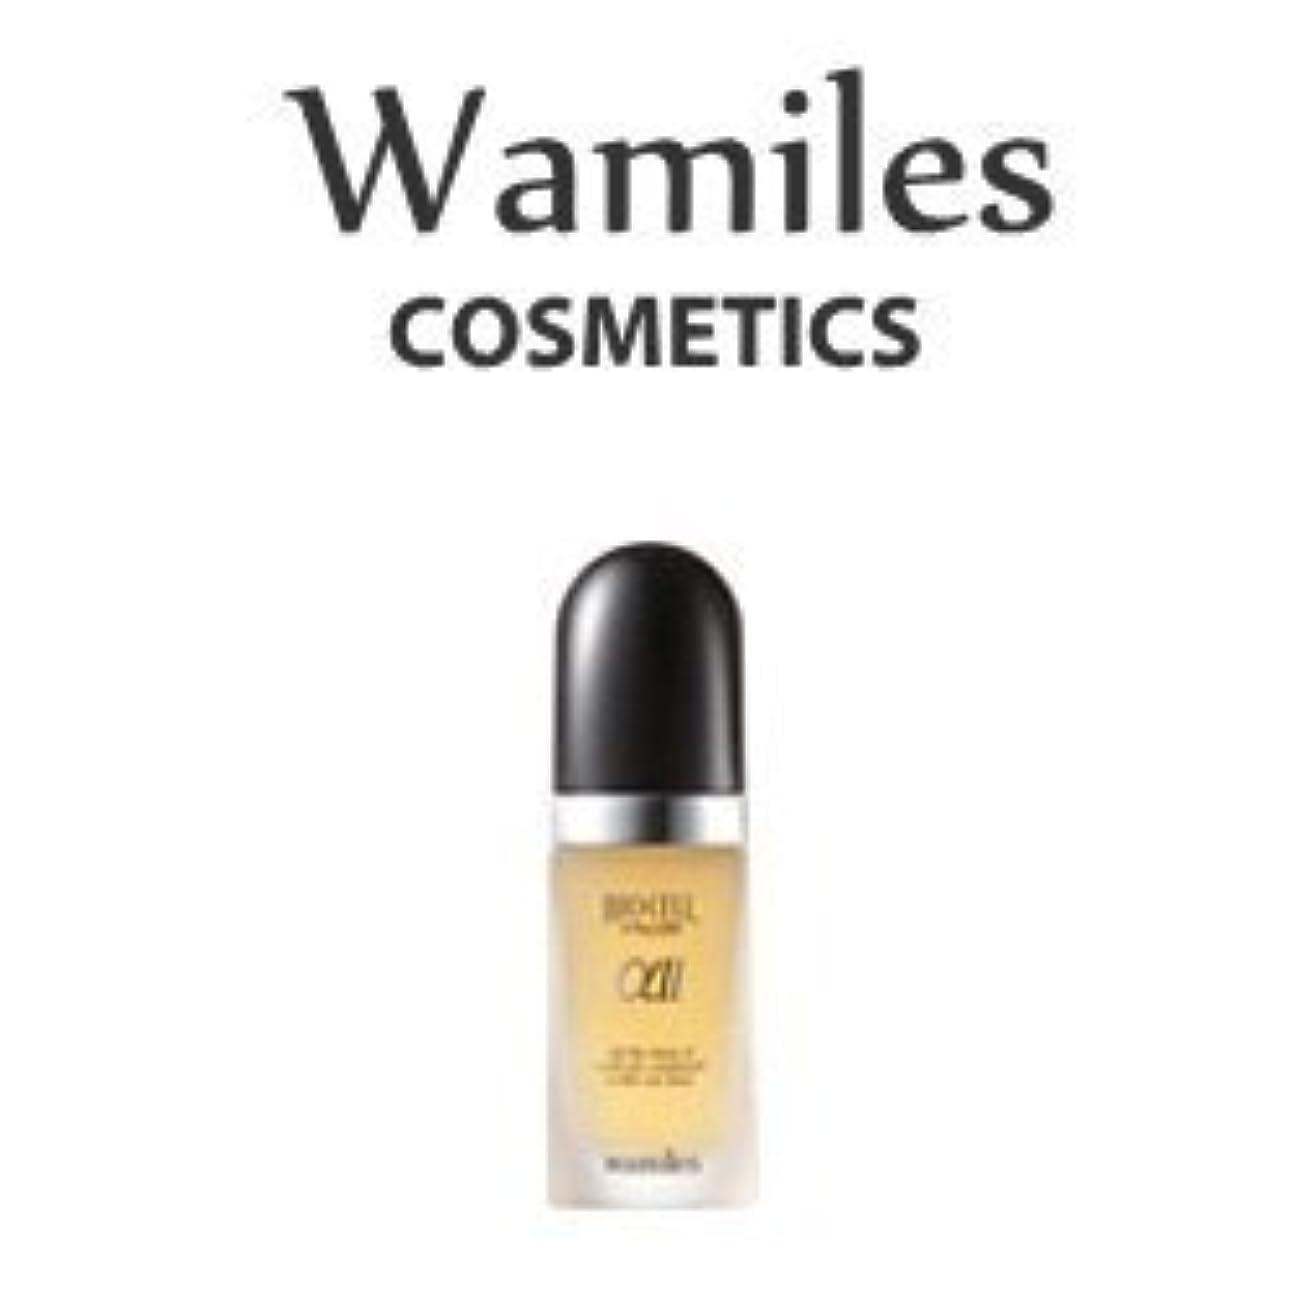 自分のターゲットチューインガムwamiles/ワミレス ビオセル バイタライザーα2 38ml 美容 化粧水